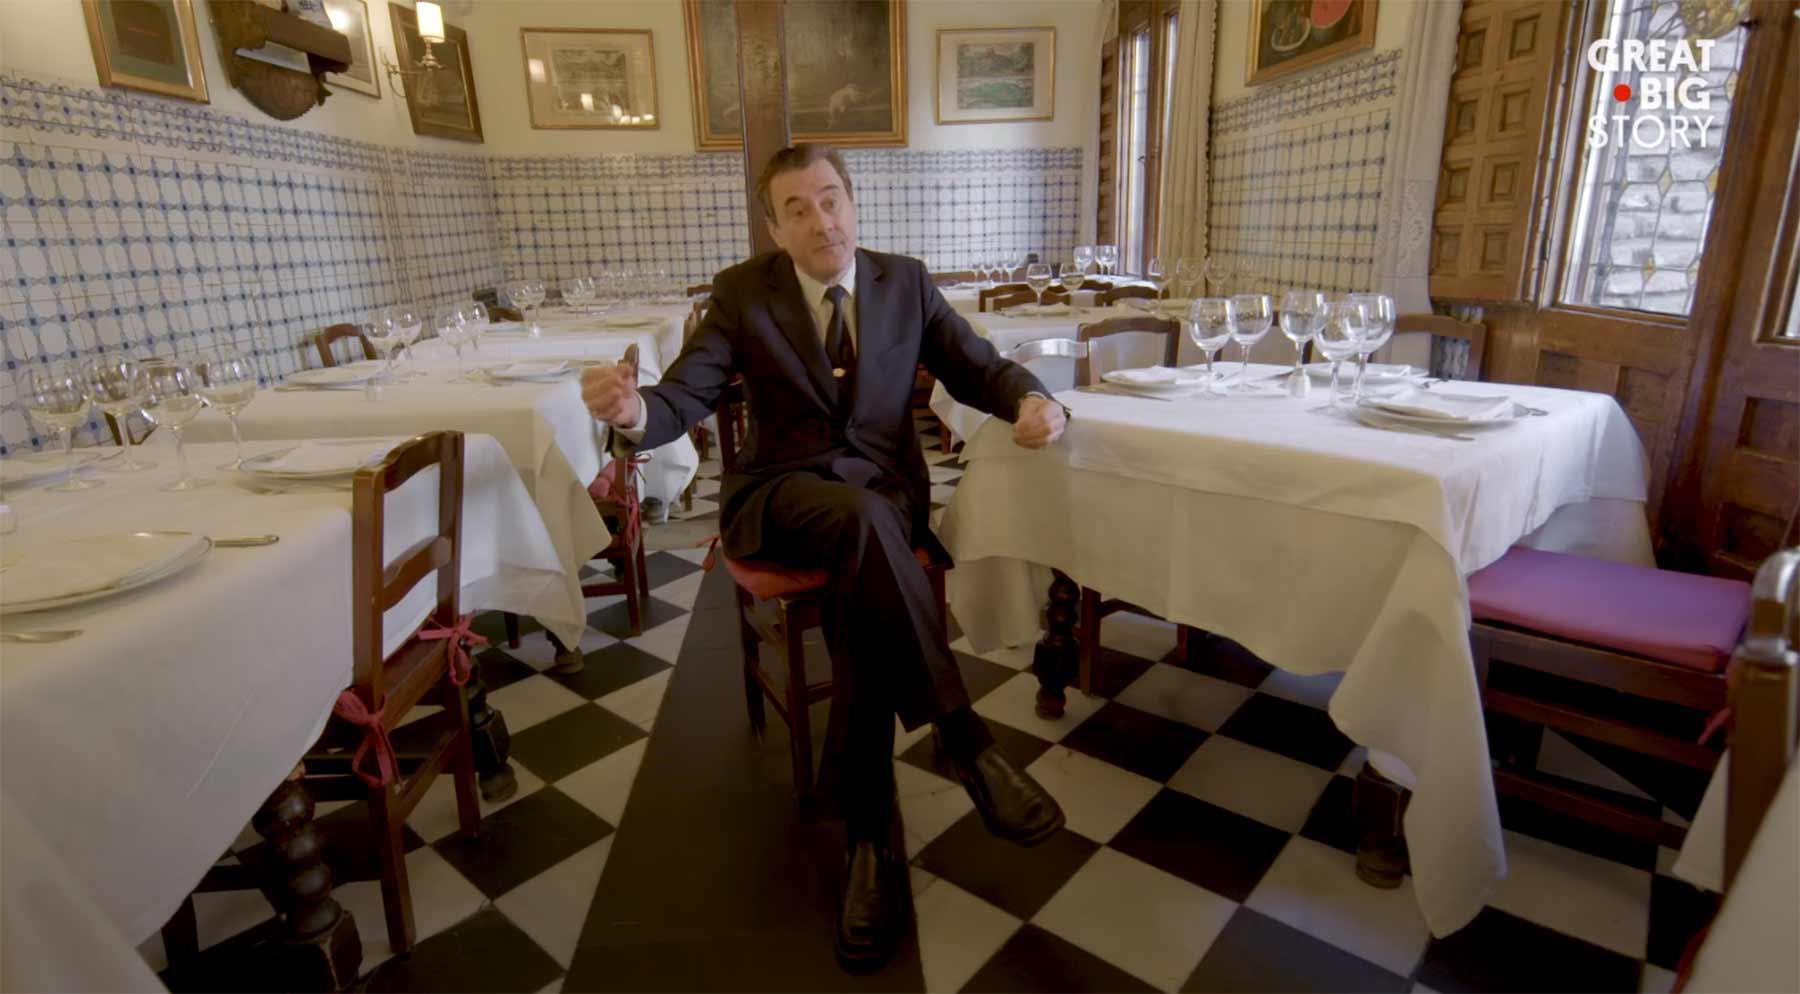 Zu Gast im ältesten Restaurant der Welt